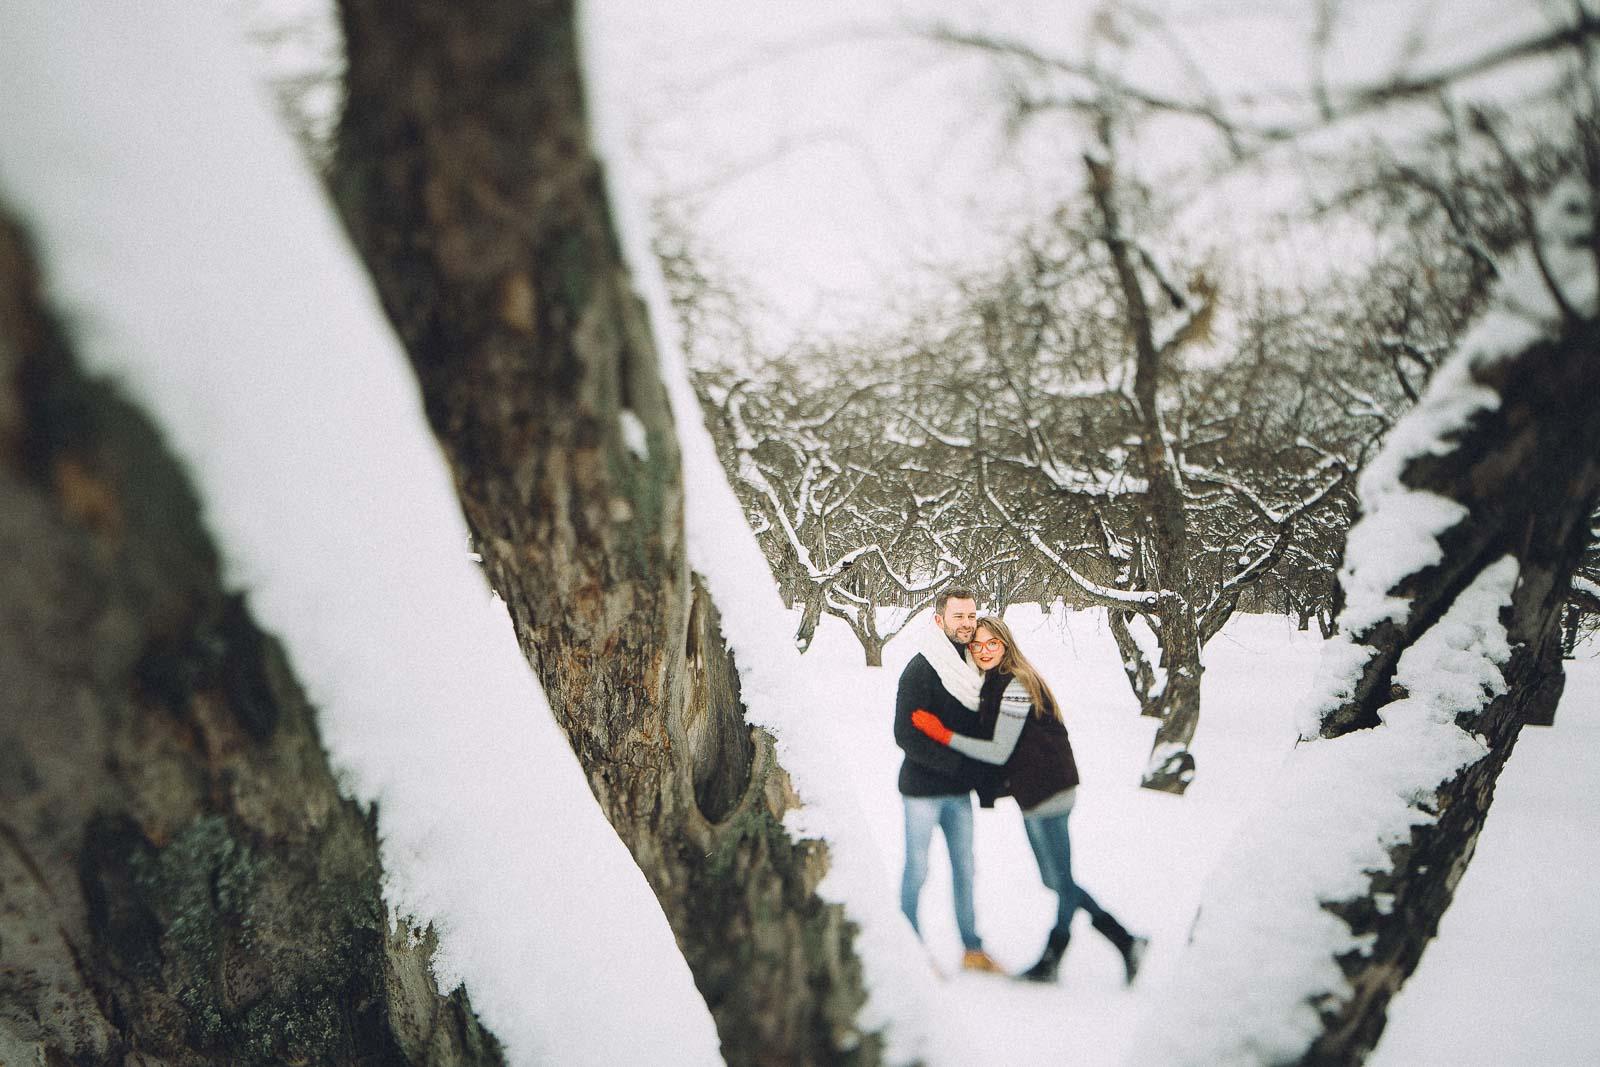 Фотосессия зимняя лавстори в Москве.